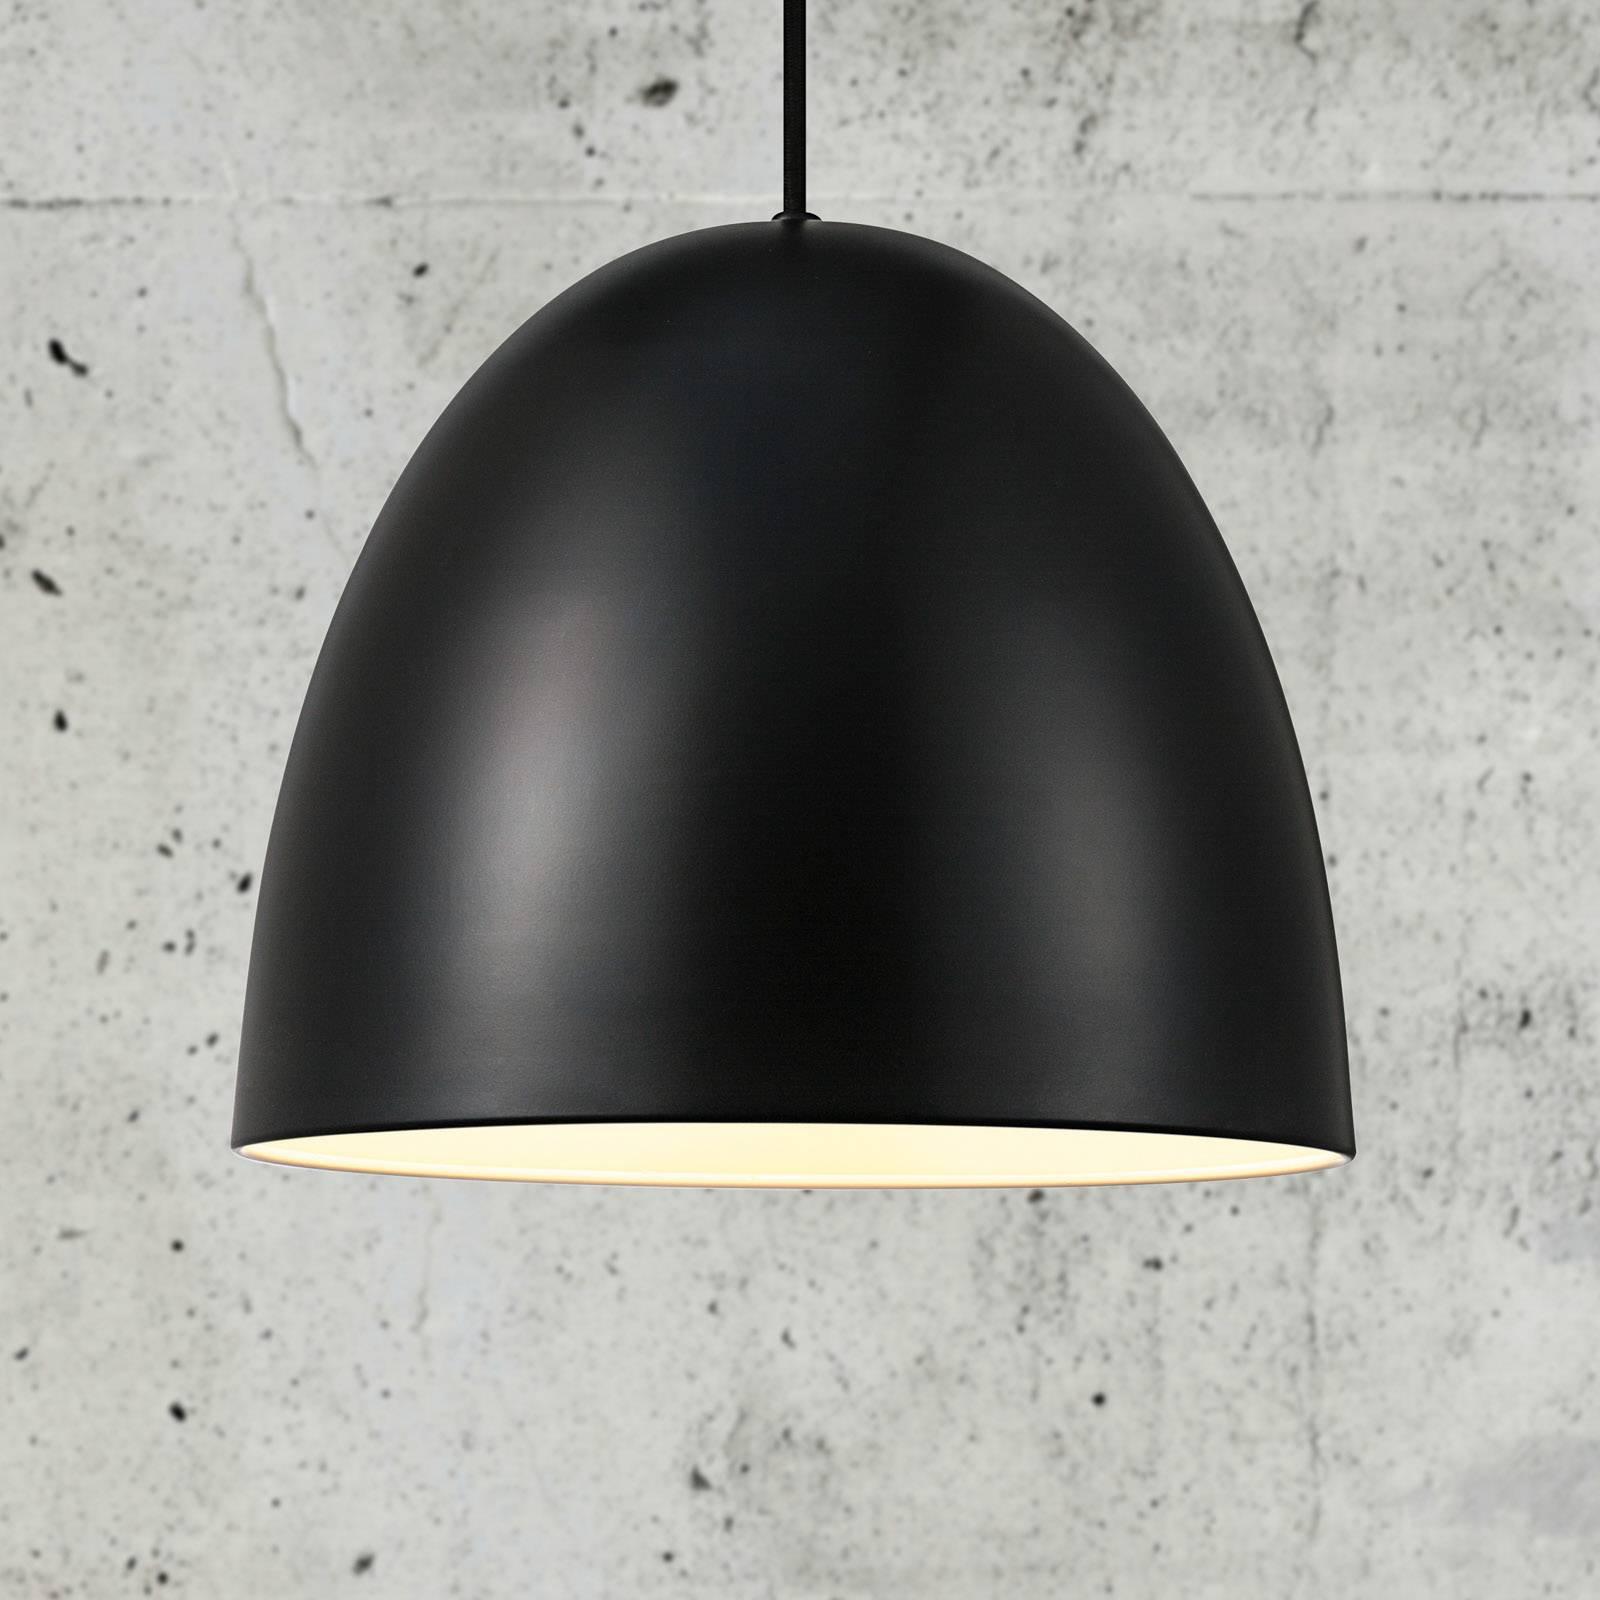 Billede af Alexander hængelampe med metalskærm, sort